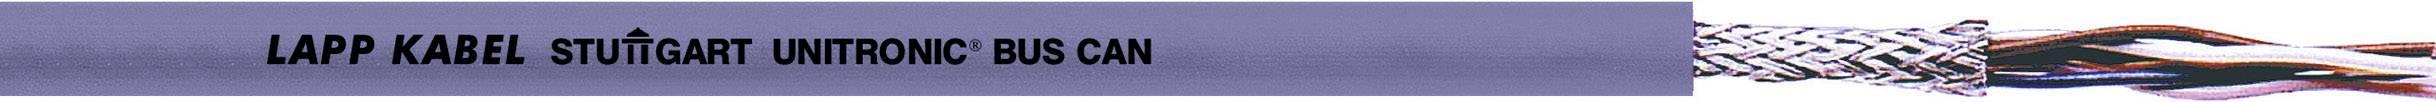 Sběrnicový kabel LAPP UNITRONIC® BUS 2170269, vnější Ø 8.70 mm, fialová, 1000 m